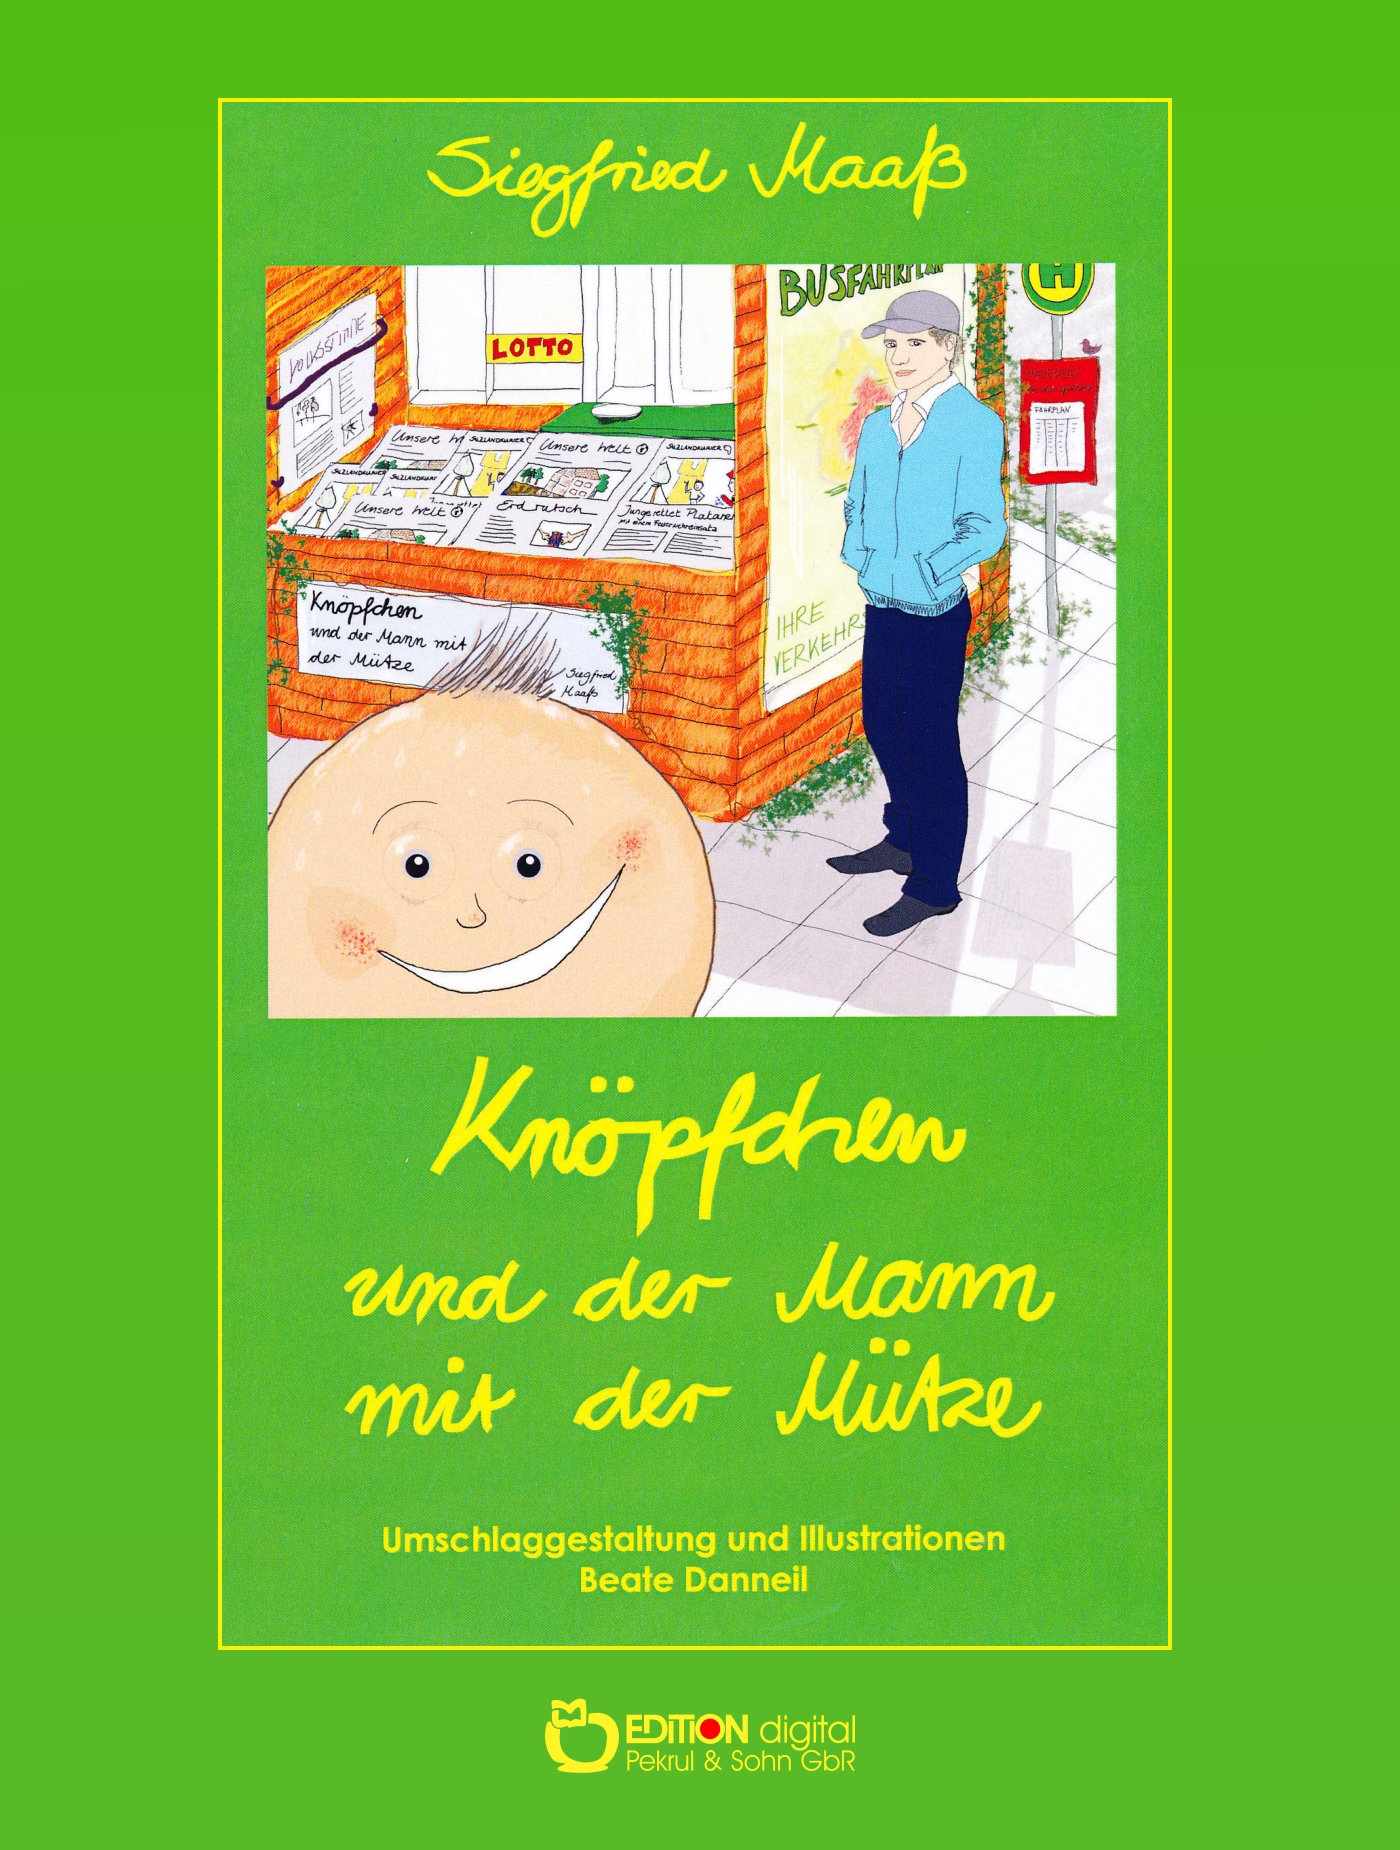 Knöpfchen und der Mann mit der Mütze von Siegfried Maaß